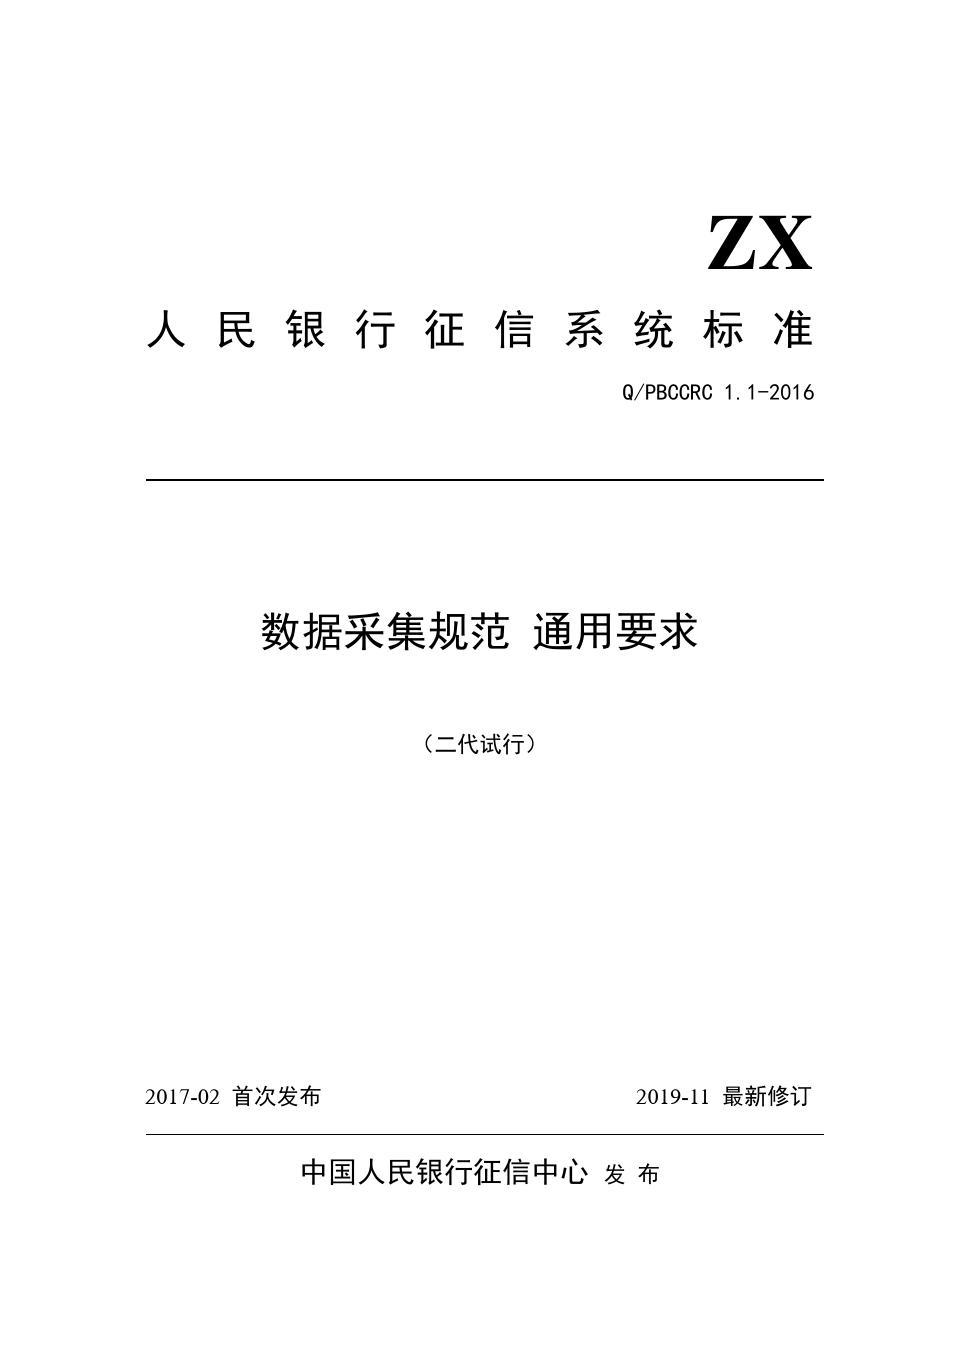 人民银行征信系统数据采集规范  通用要求(二代试行) 201911